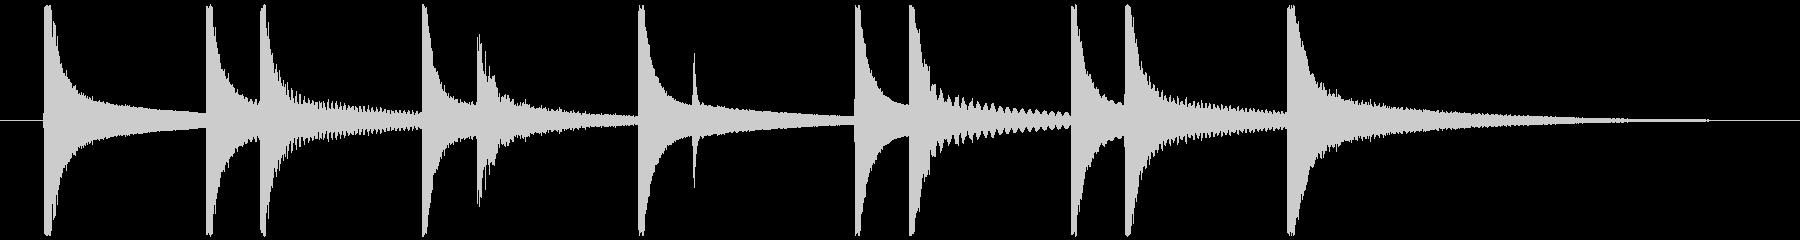 オルゴールメインの可愛らしいジングルの未再生の波形